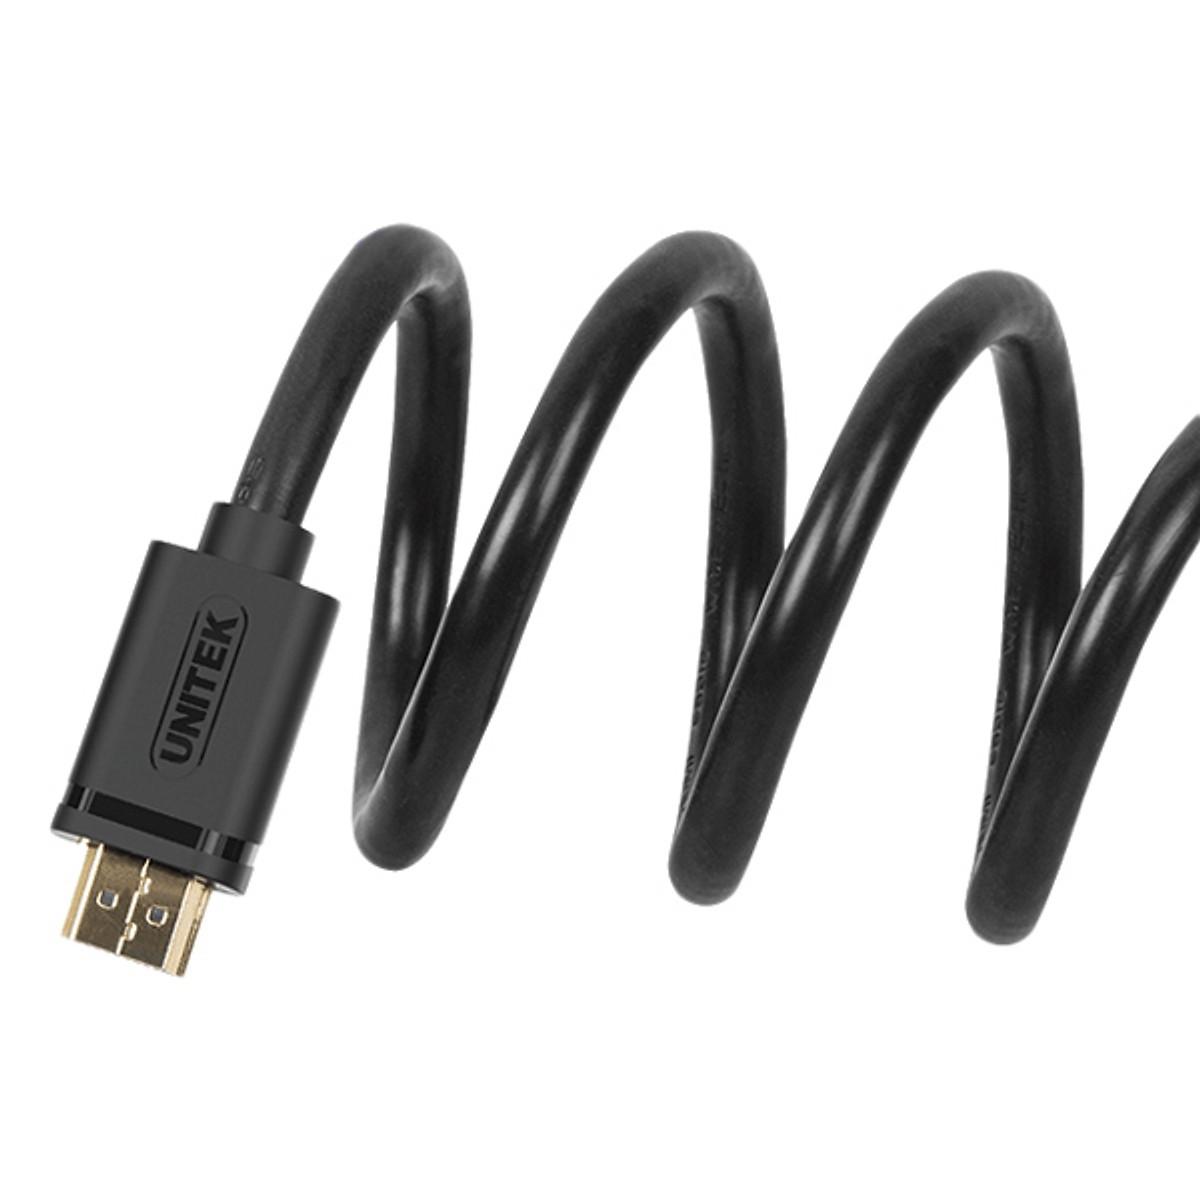 Cáp HDMI 40m Unitek Y-C173 IC khuyếch đại -hỗ trợ chuẩn 3D, 4K*2K - Hàng Chính Hãng